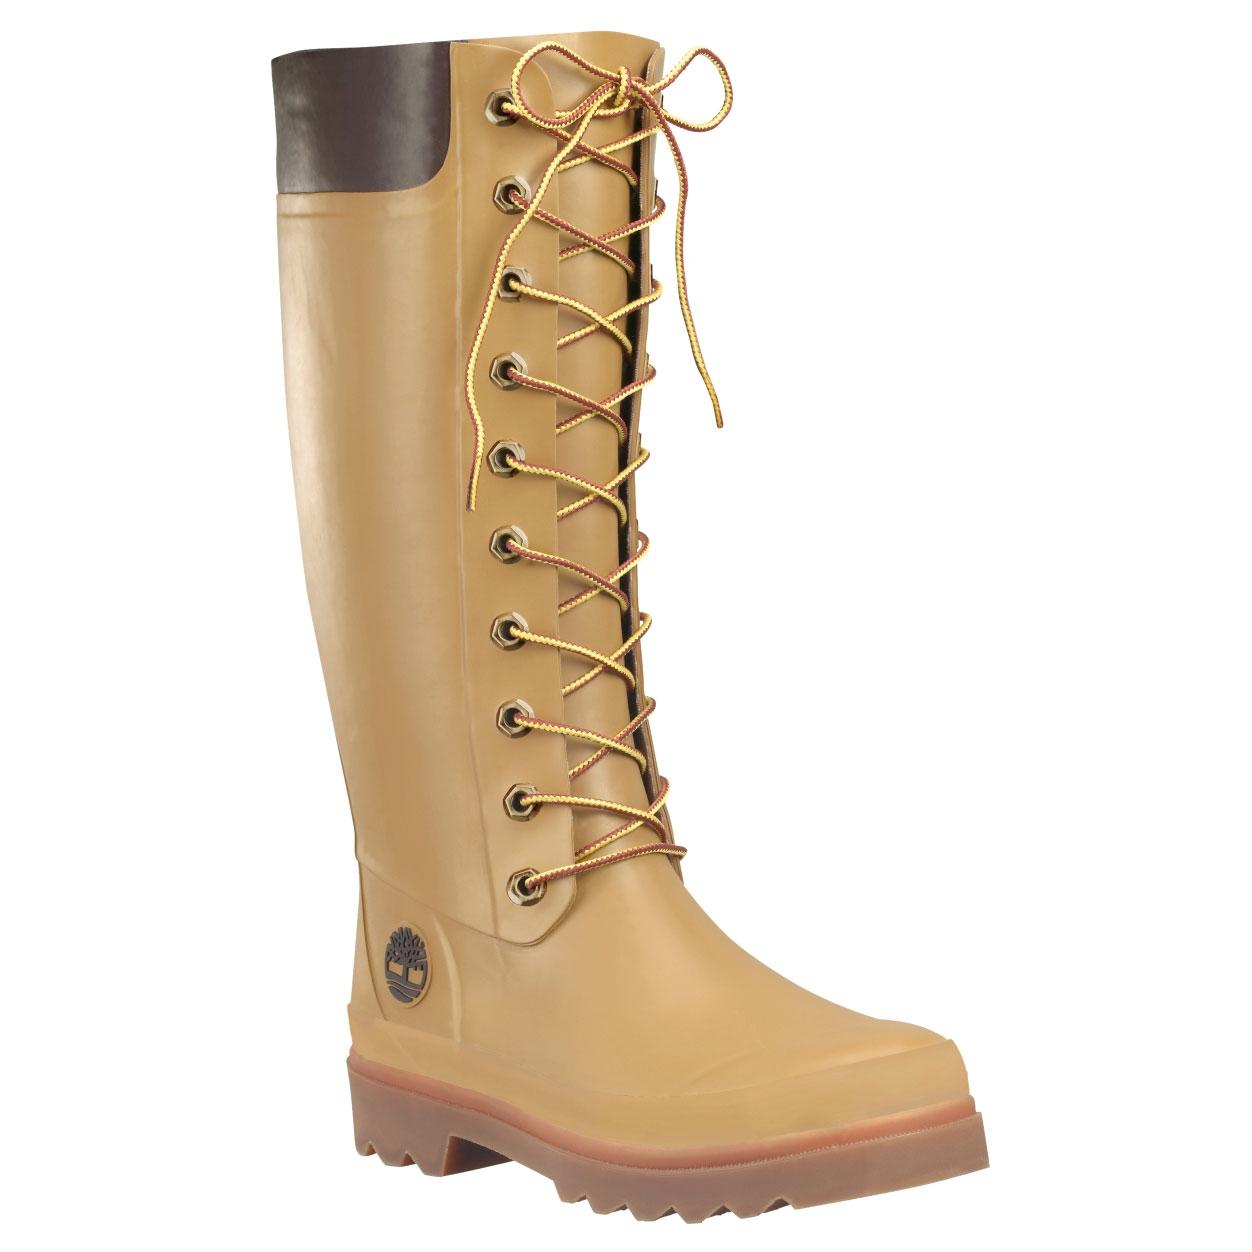 Image of Timberland Welfleet Wellington Boots - Wheat